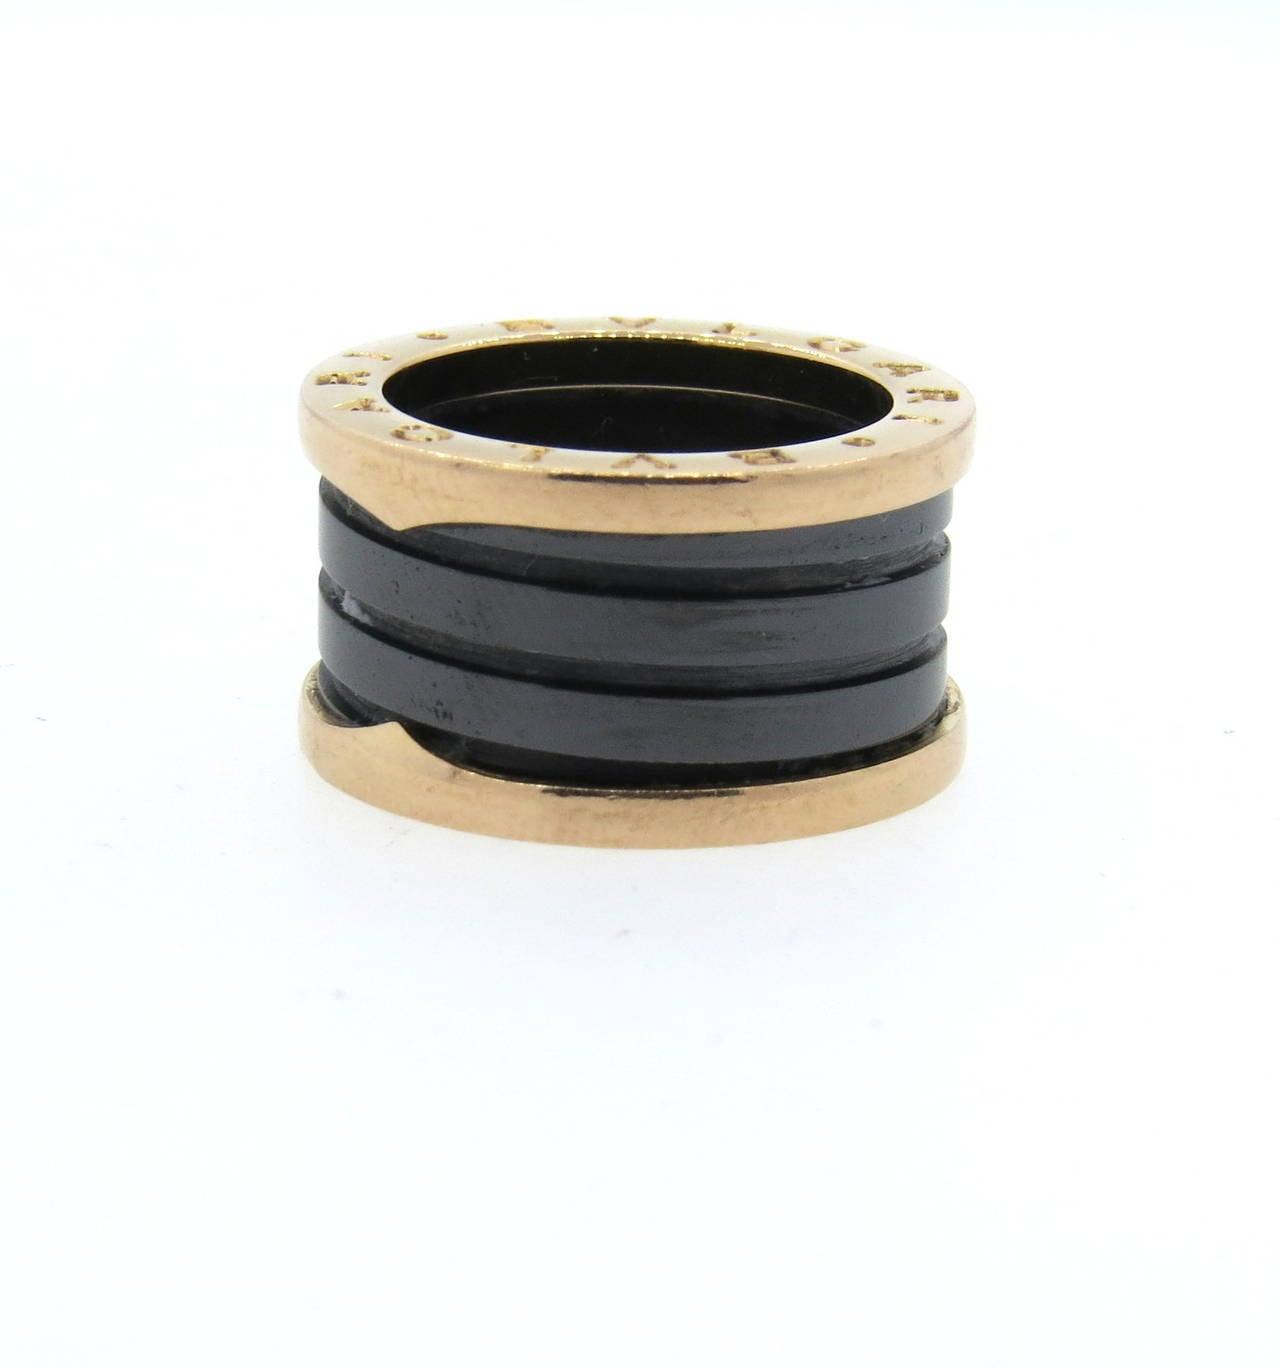 Bulgari B.Zero1 Ceramic Gold Band Ring 2